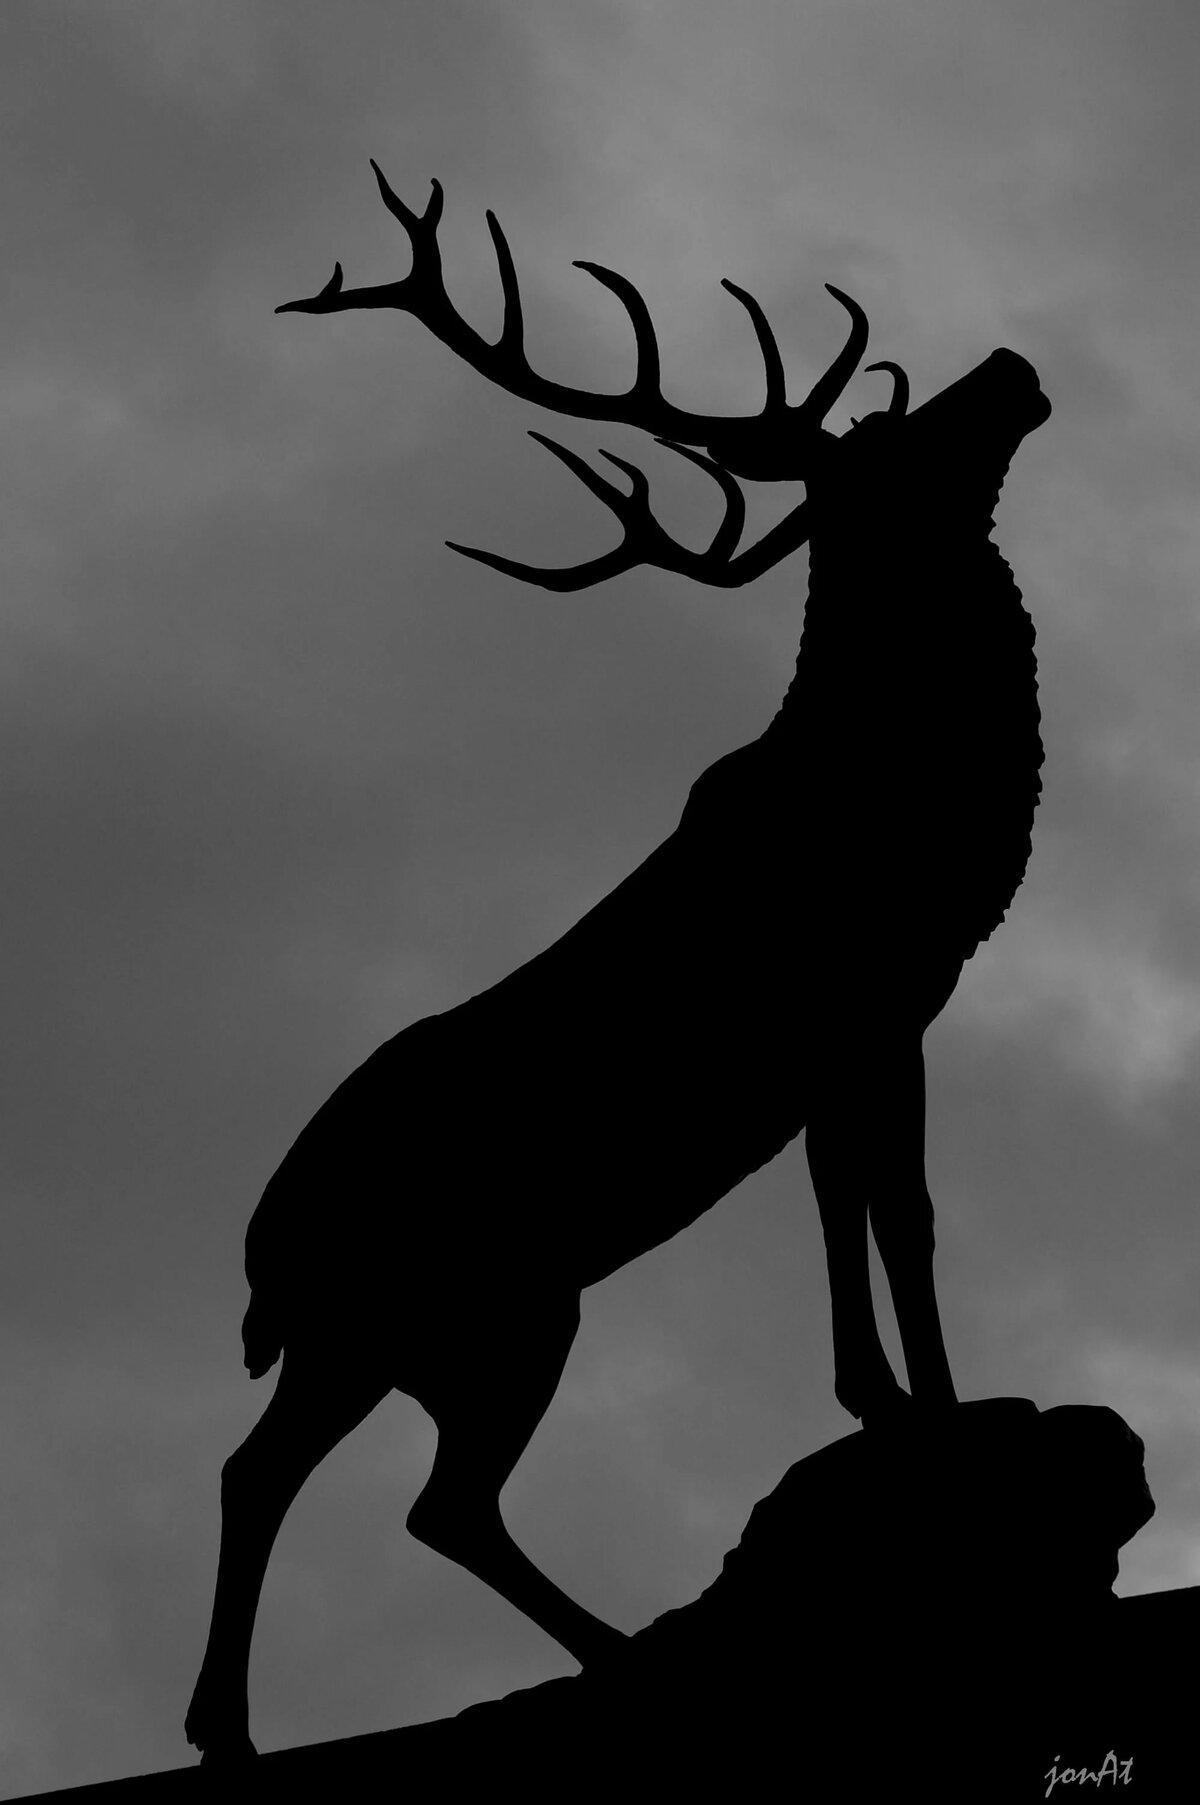 Картинки черно белые лес и животные